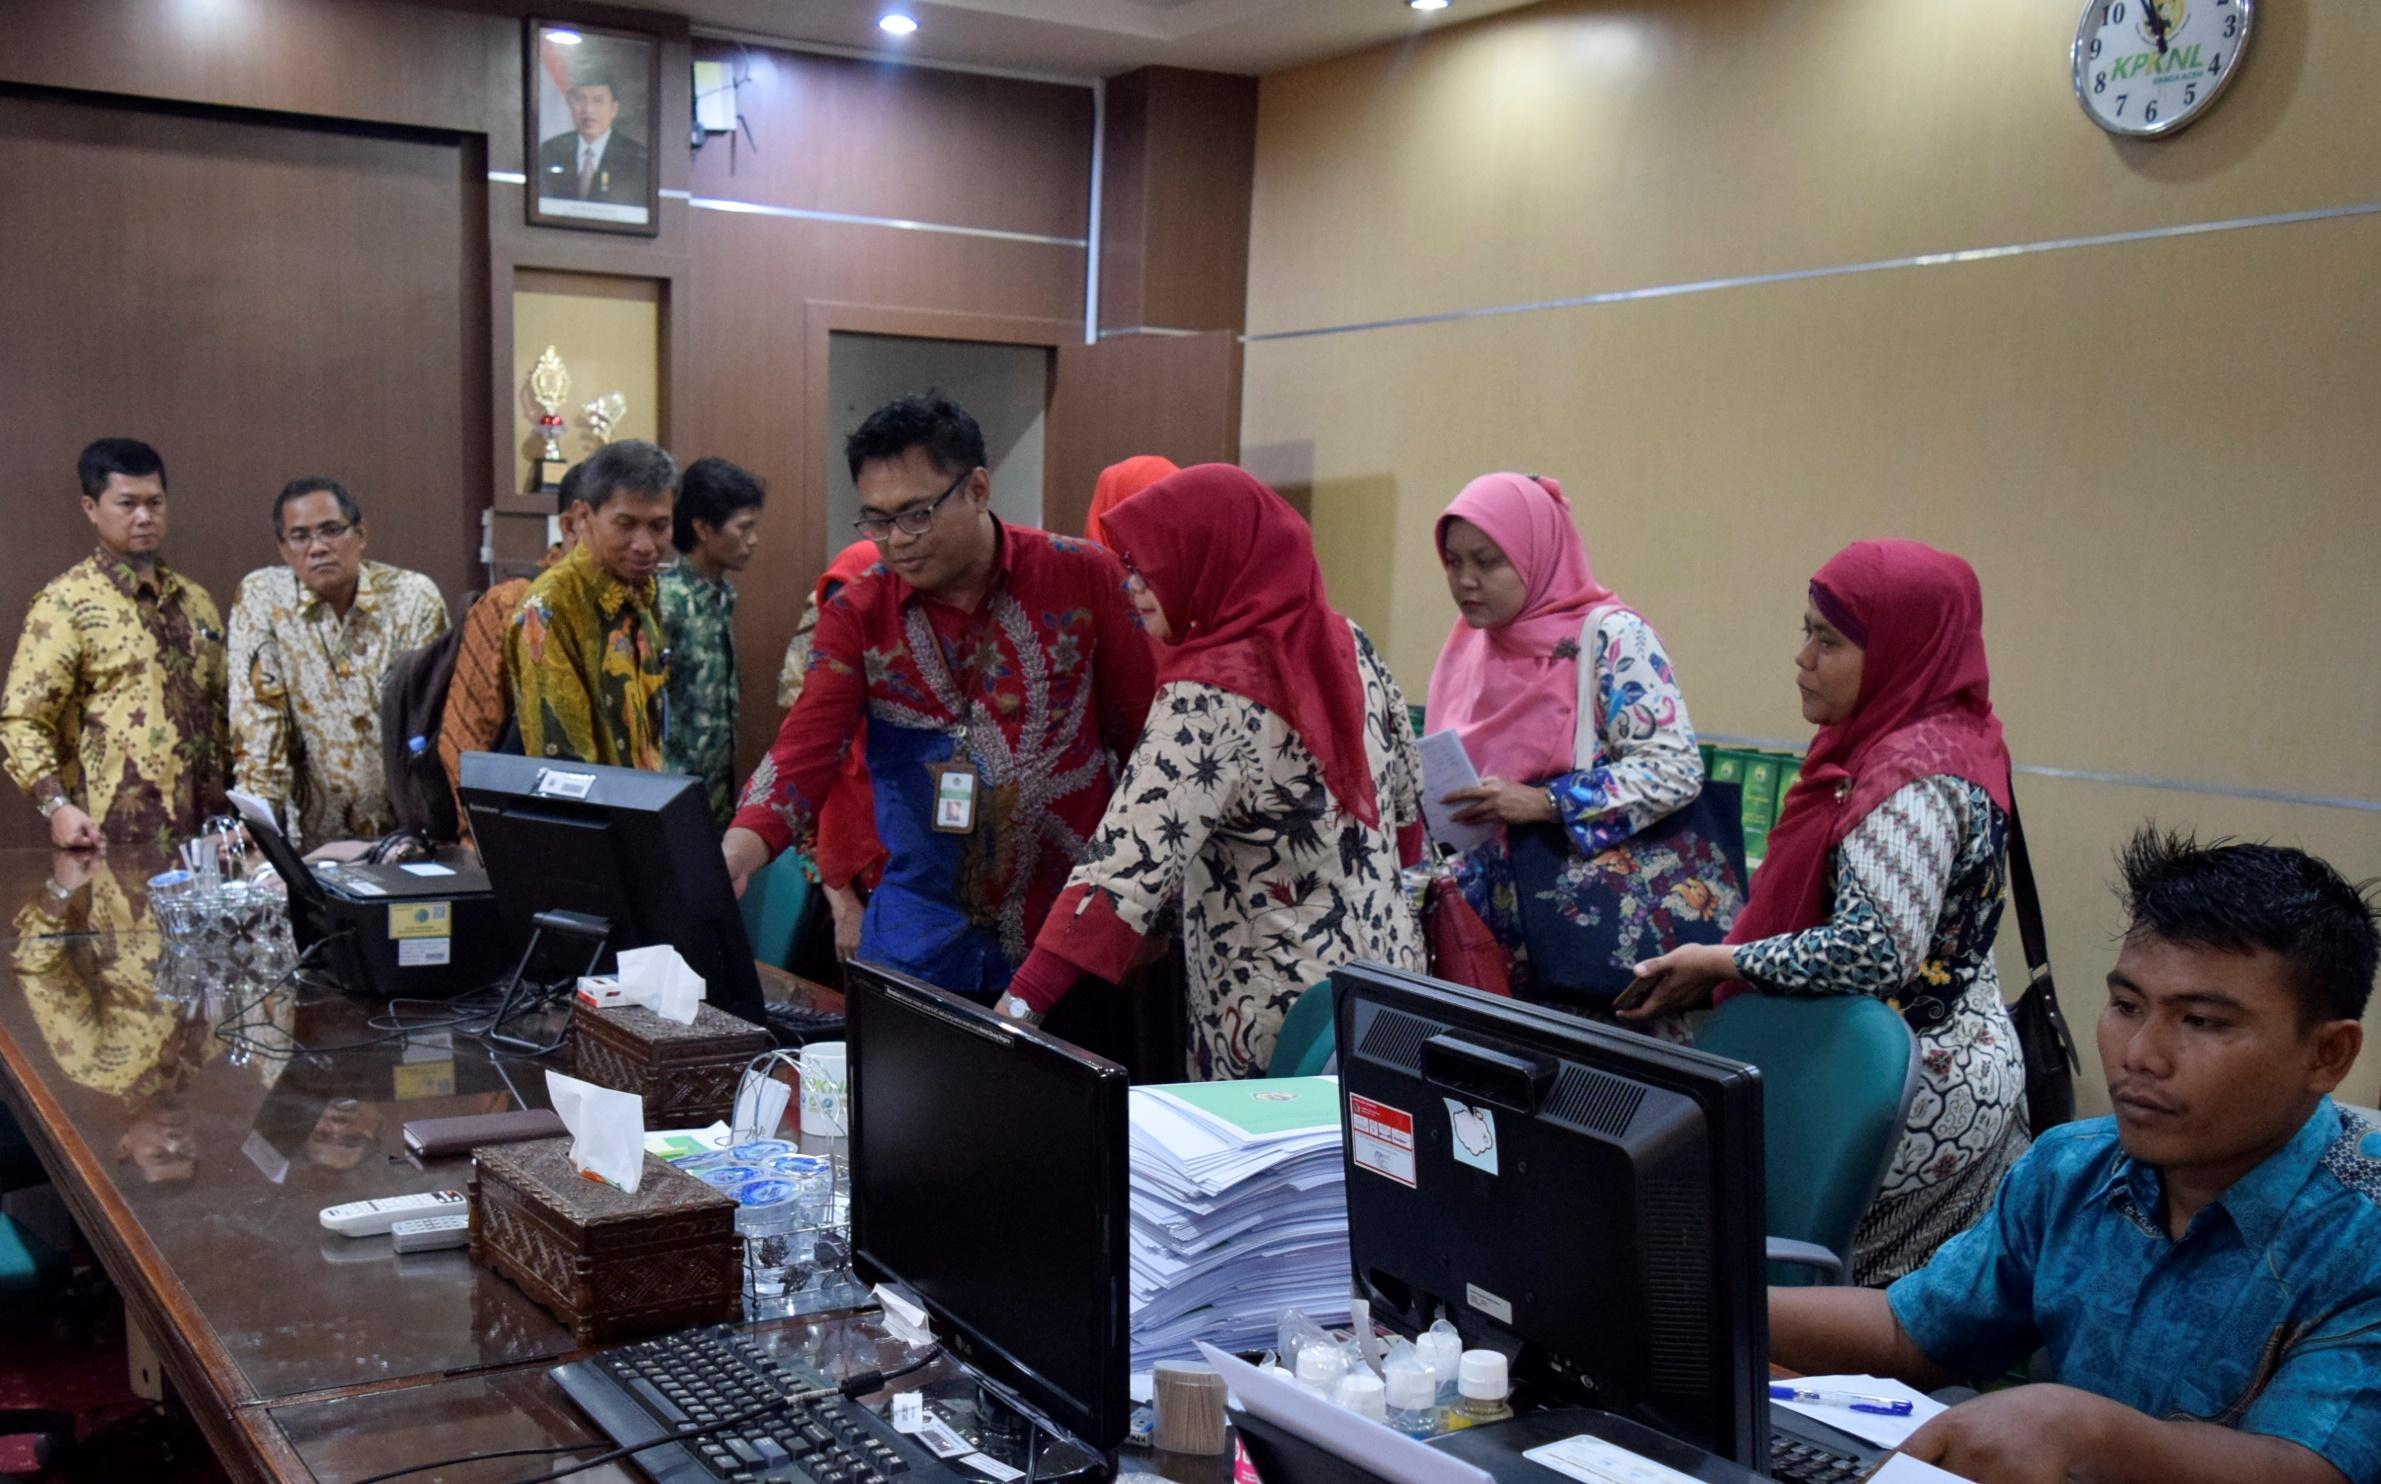 Kunjungan Kerja studi banding kearsipan oleh Peerta Diklat Kemenlu di KPKNL Banda Aceh